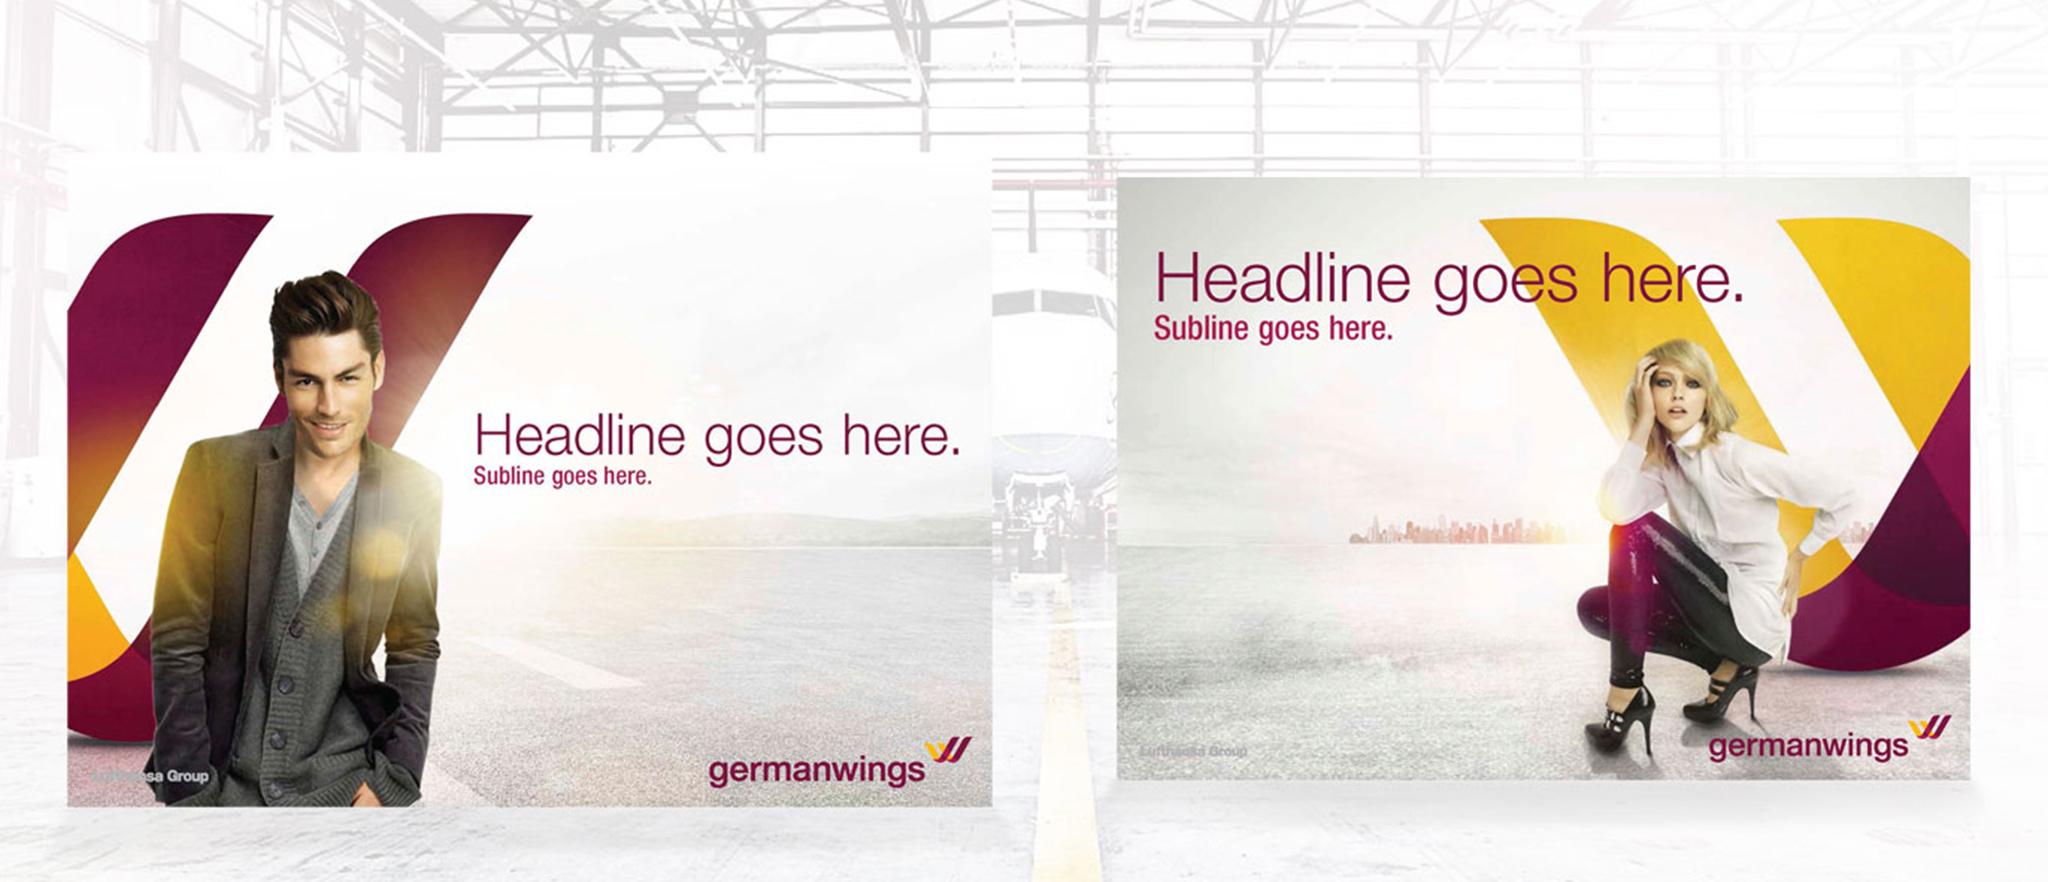 Germanwings_page_11